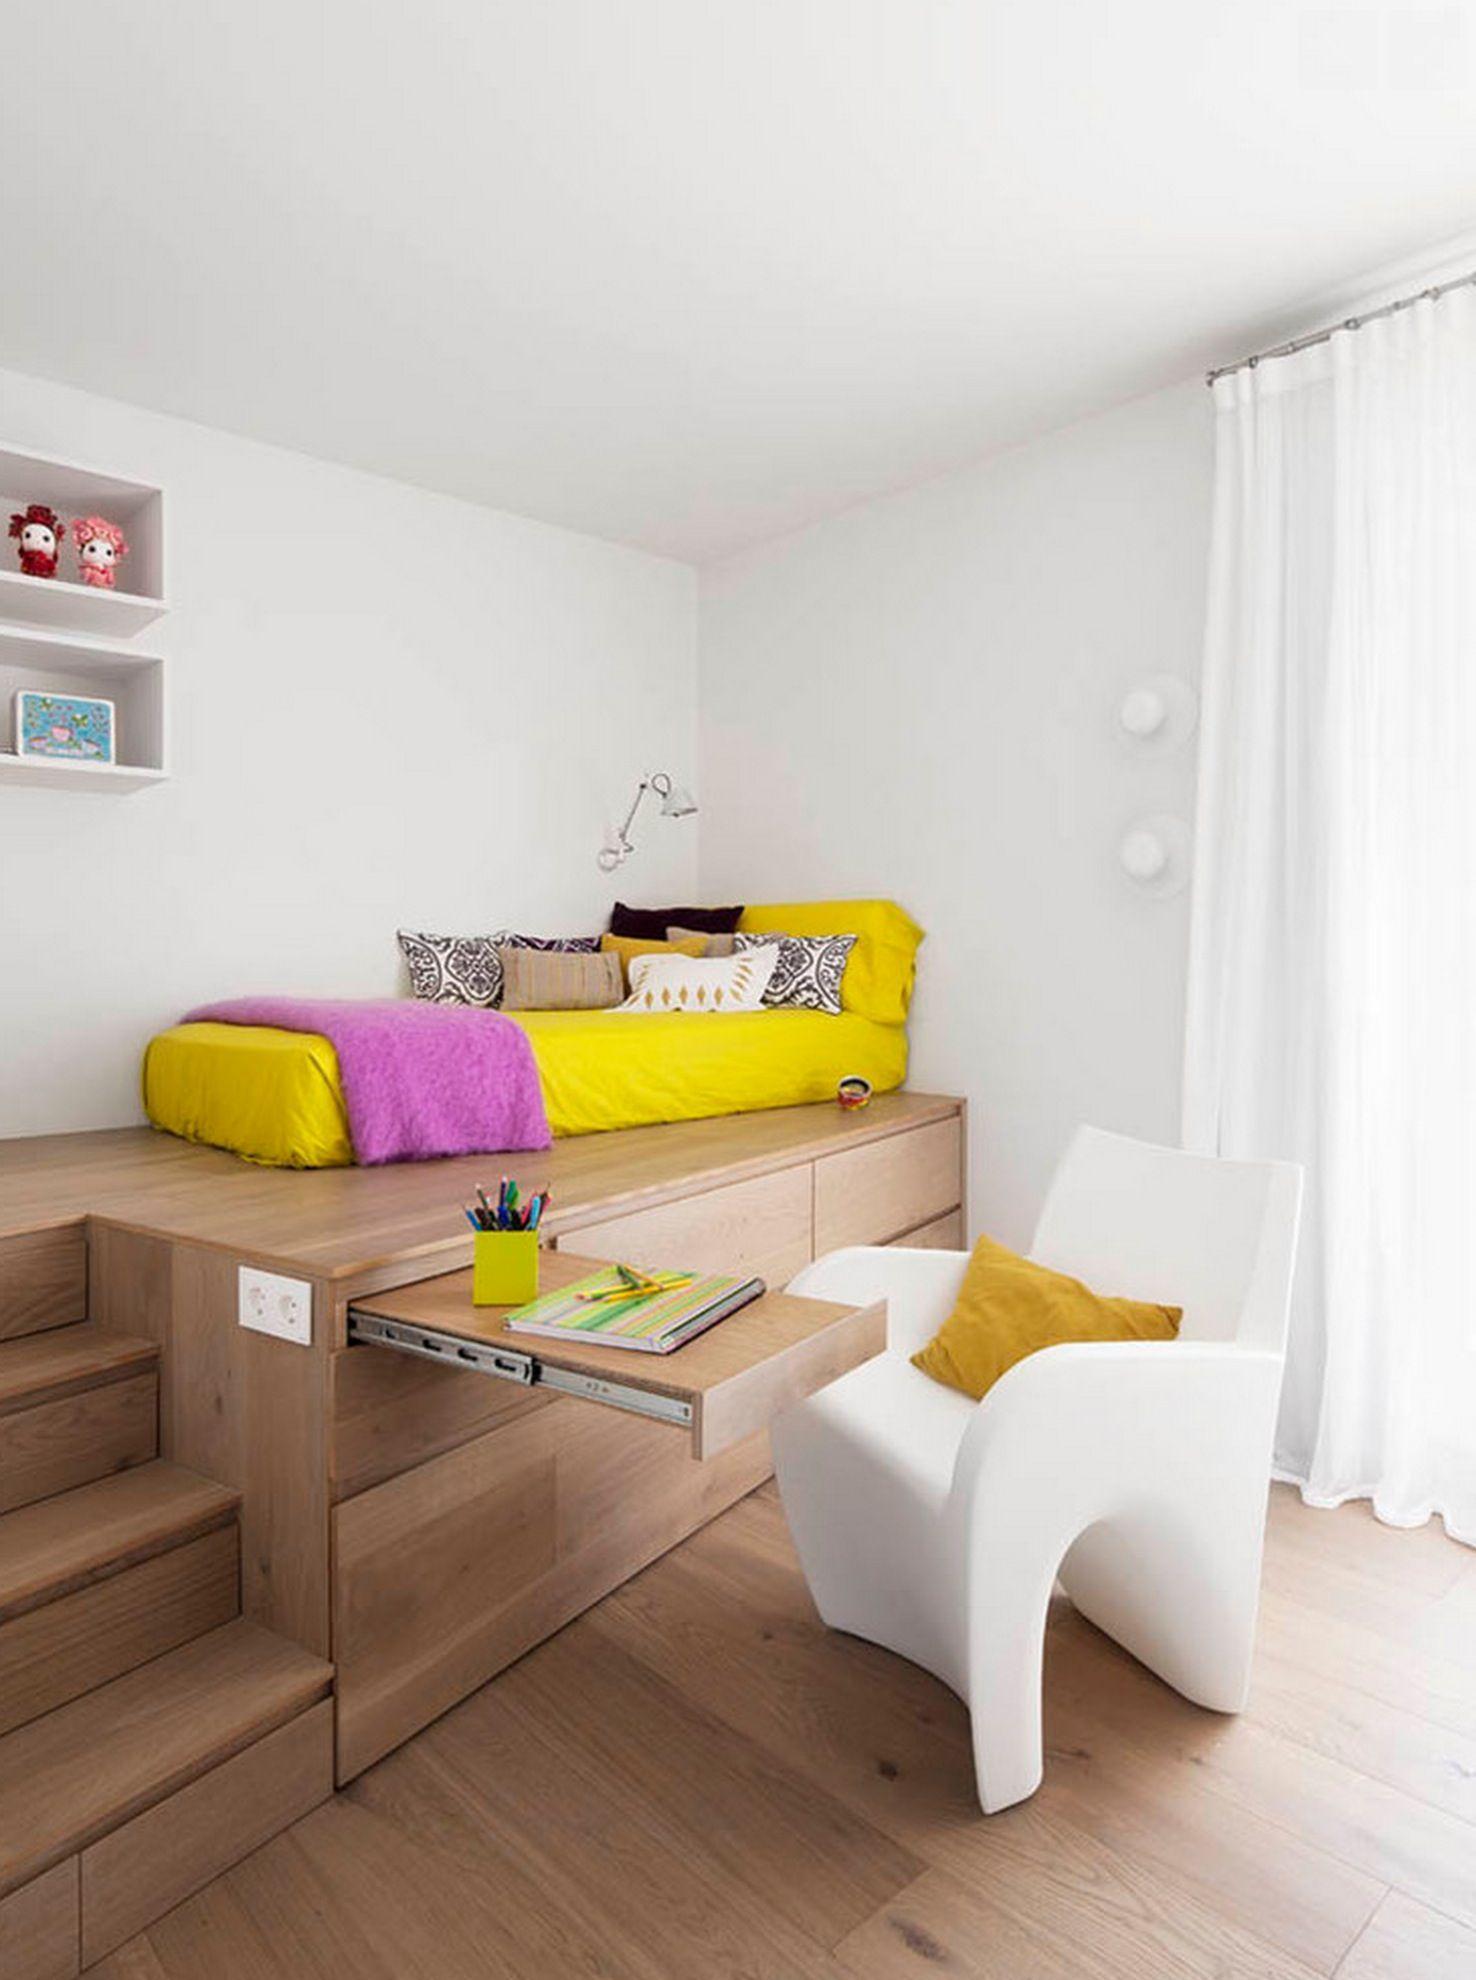 Phòng có giường ngủ đa năng màu vàng nổi bật